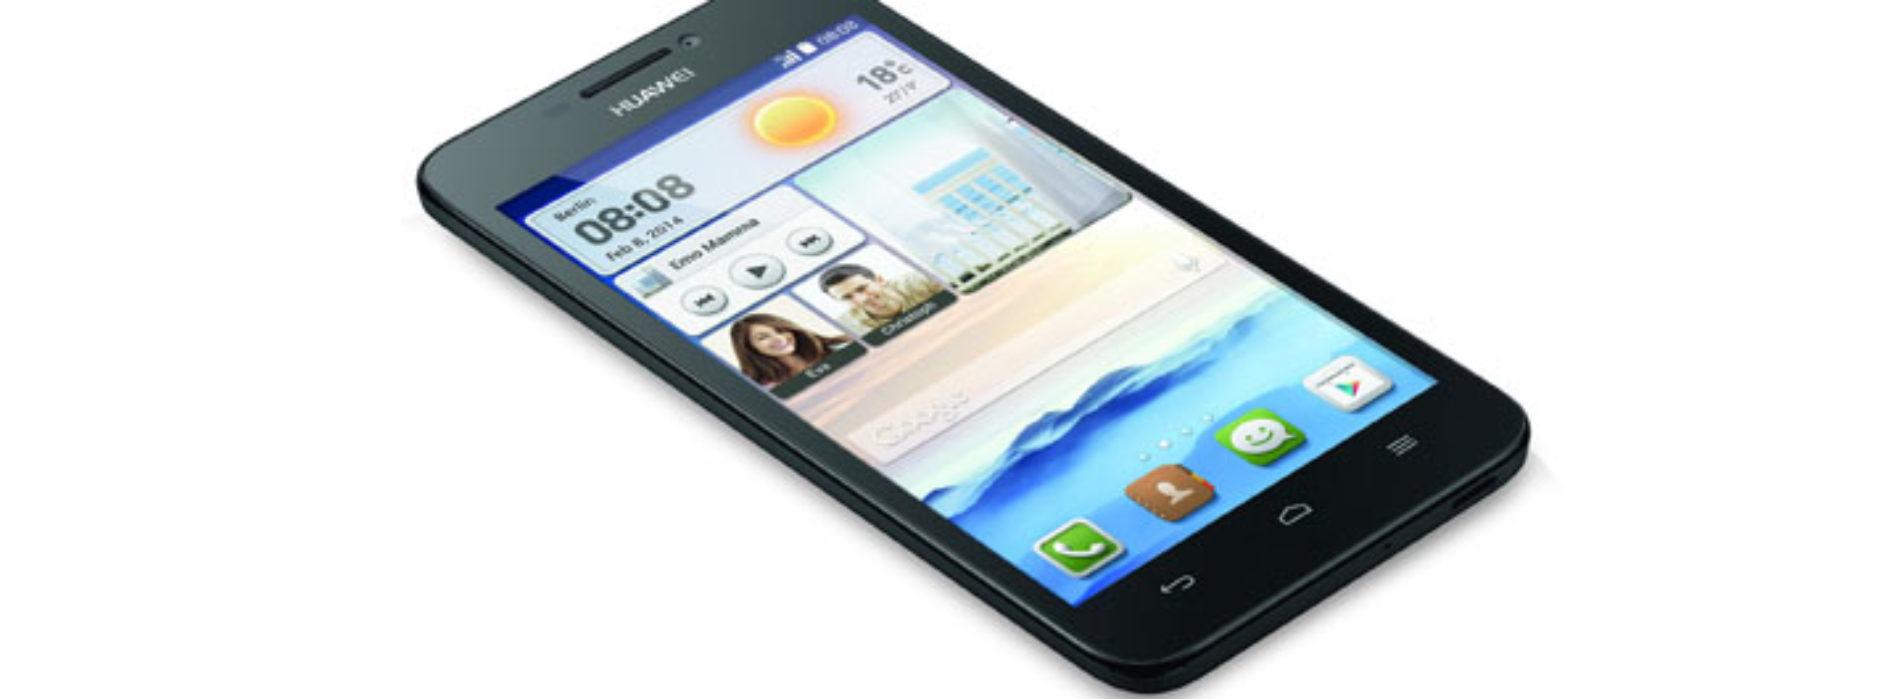 Ремонт мобильных телефонов, смартфонов Huawei